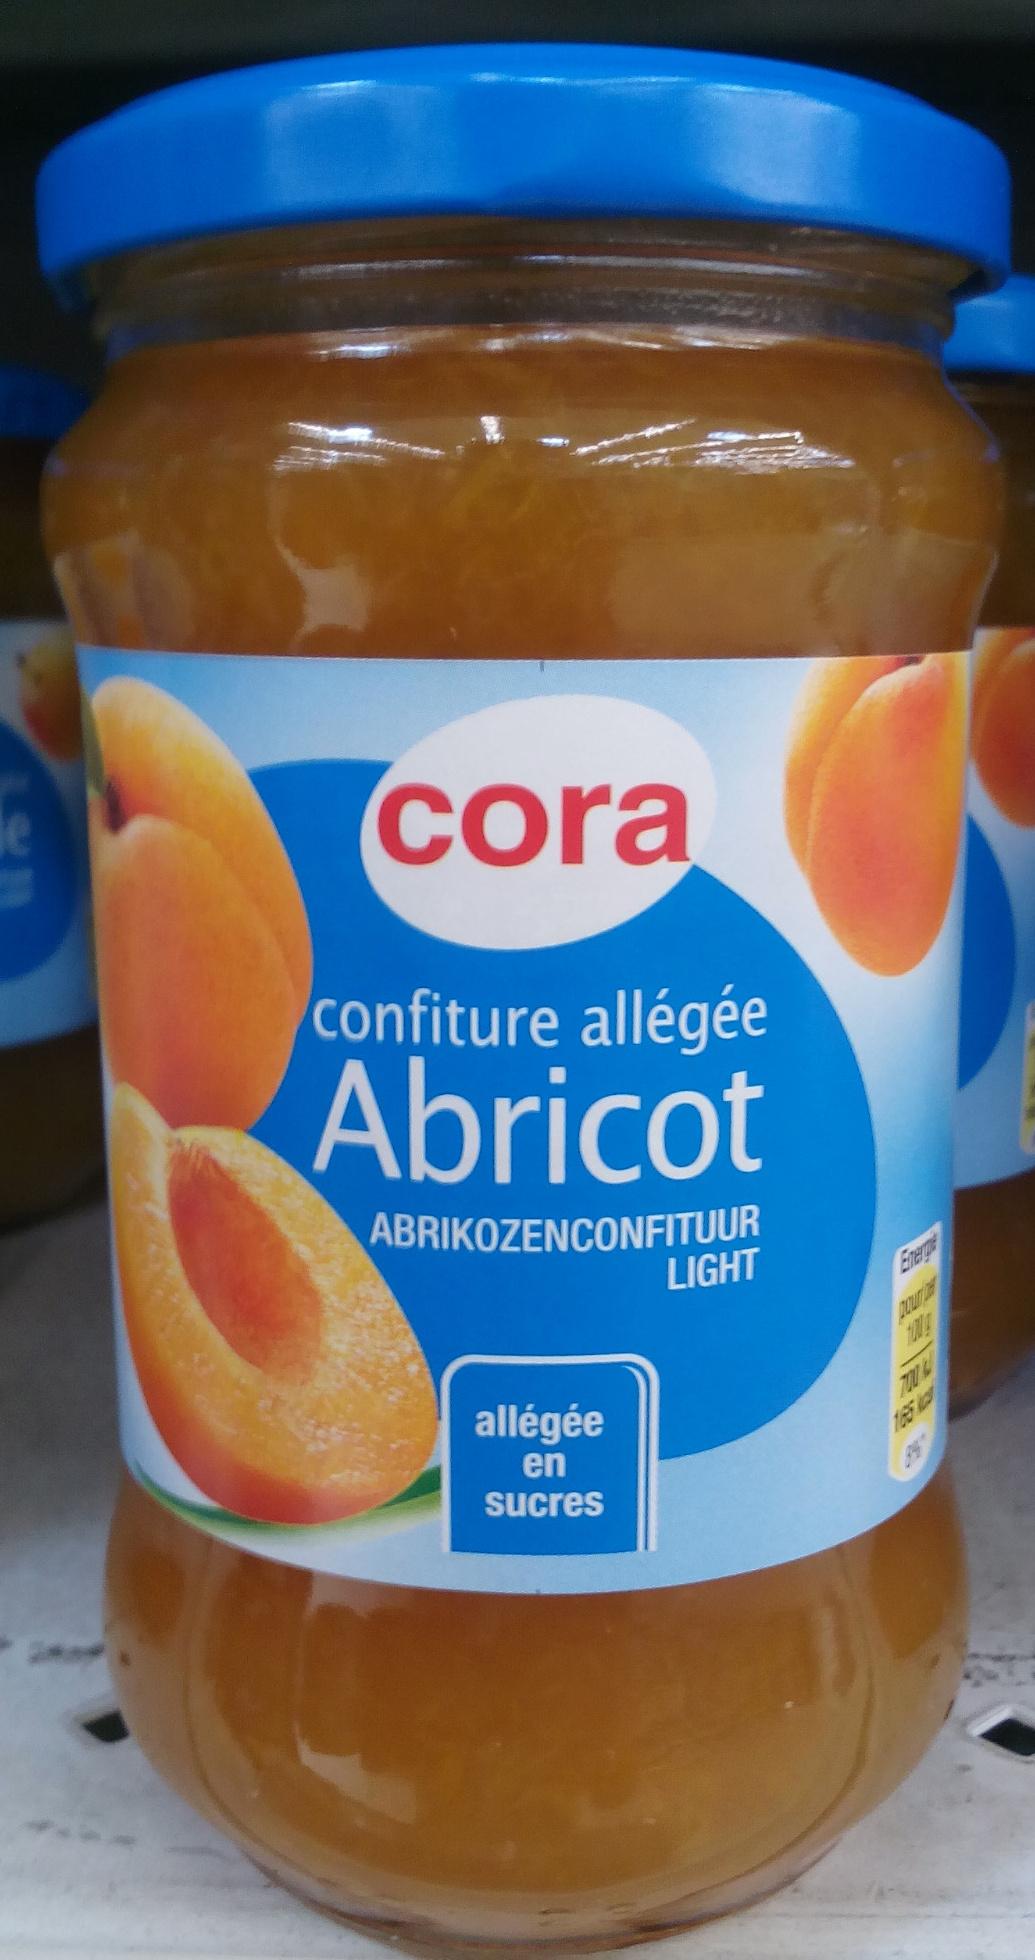 Confiture allégée Abricot - Produit - fr